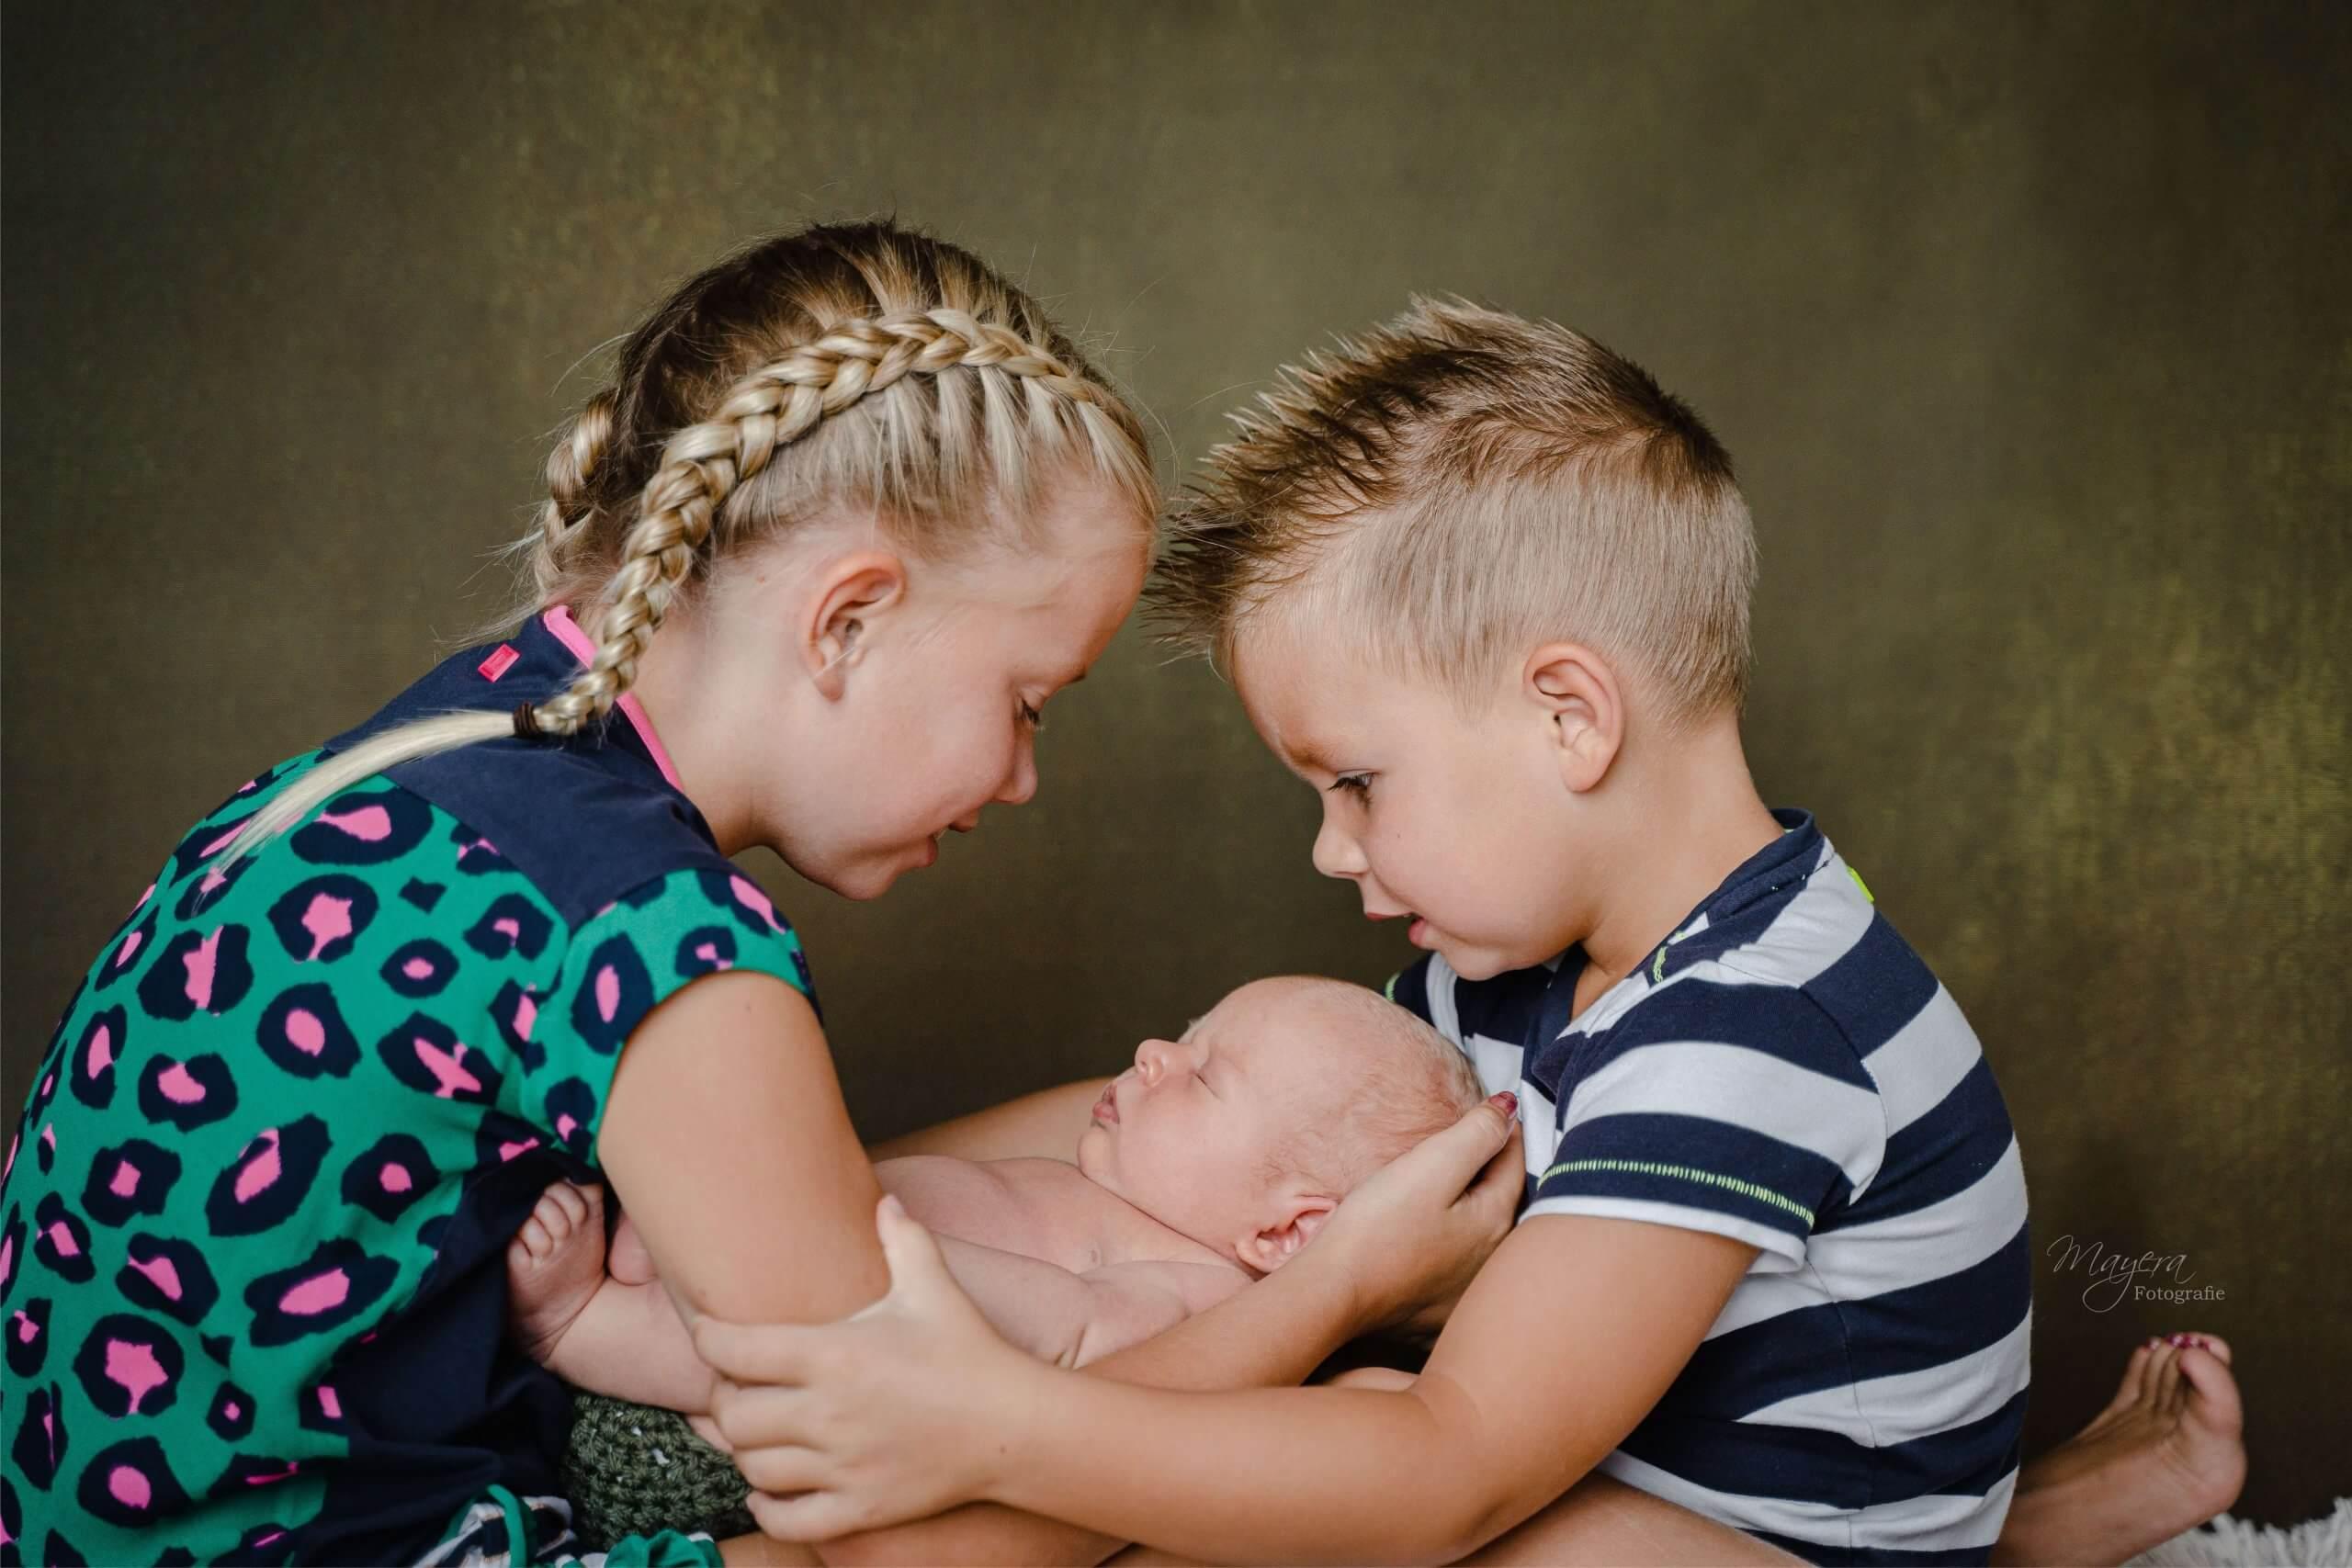 Newborn broer en zus familie samen daglicht portret werkhoven